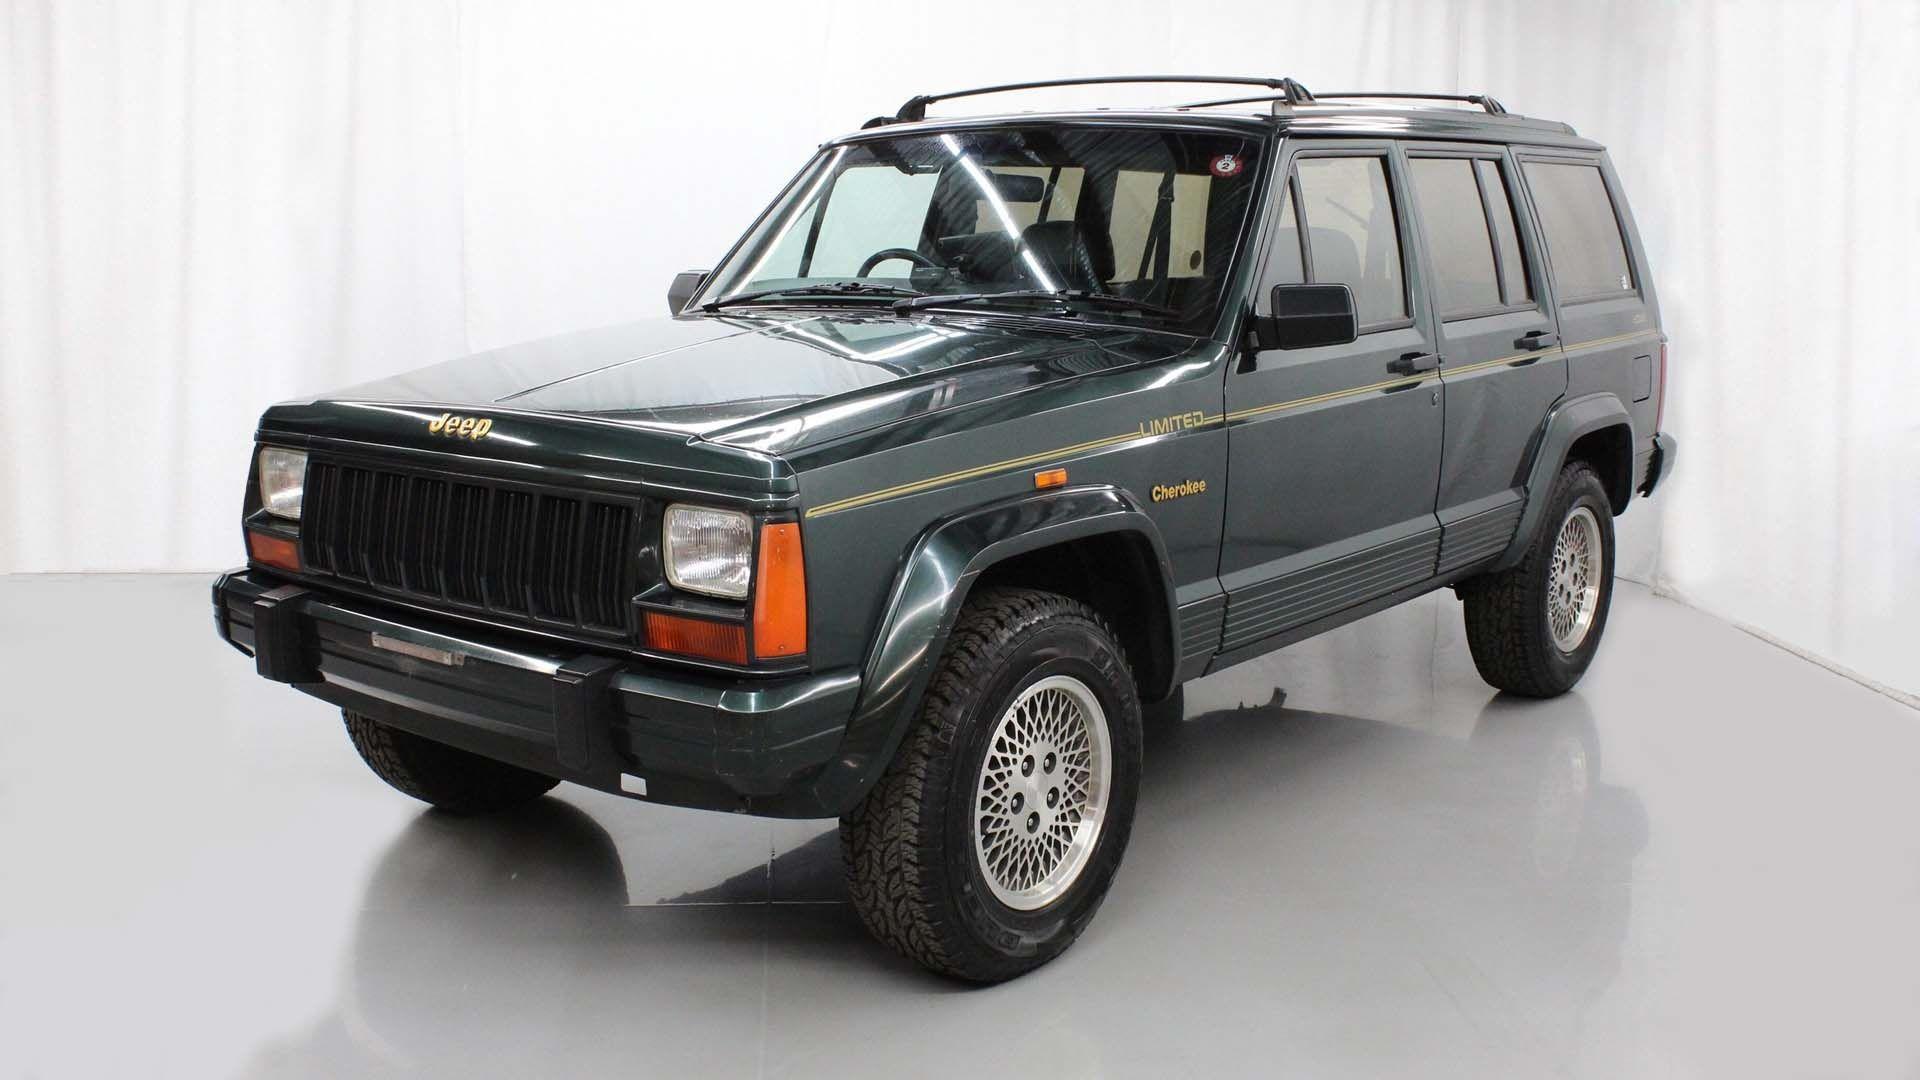 Rhd 1994 Jeep Cherokee Xj Is A Jdm Gem Jeep Cherokee Xj Jeep Cherokee Jeep